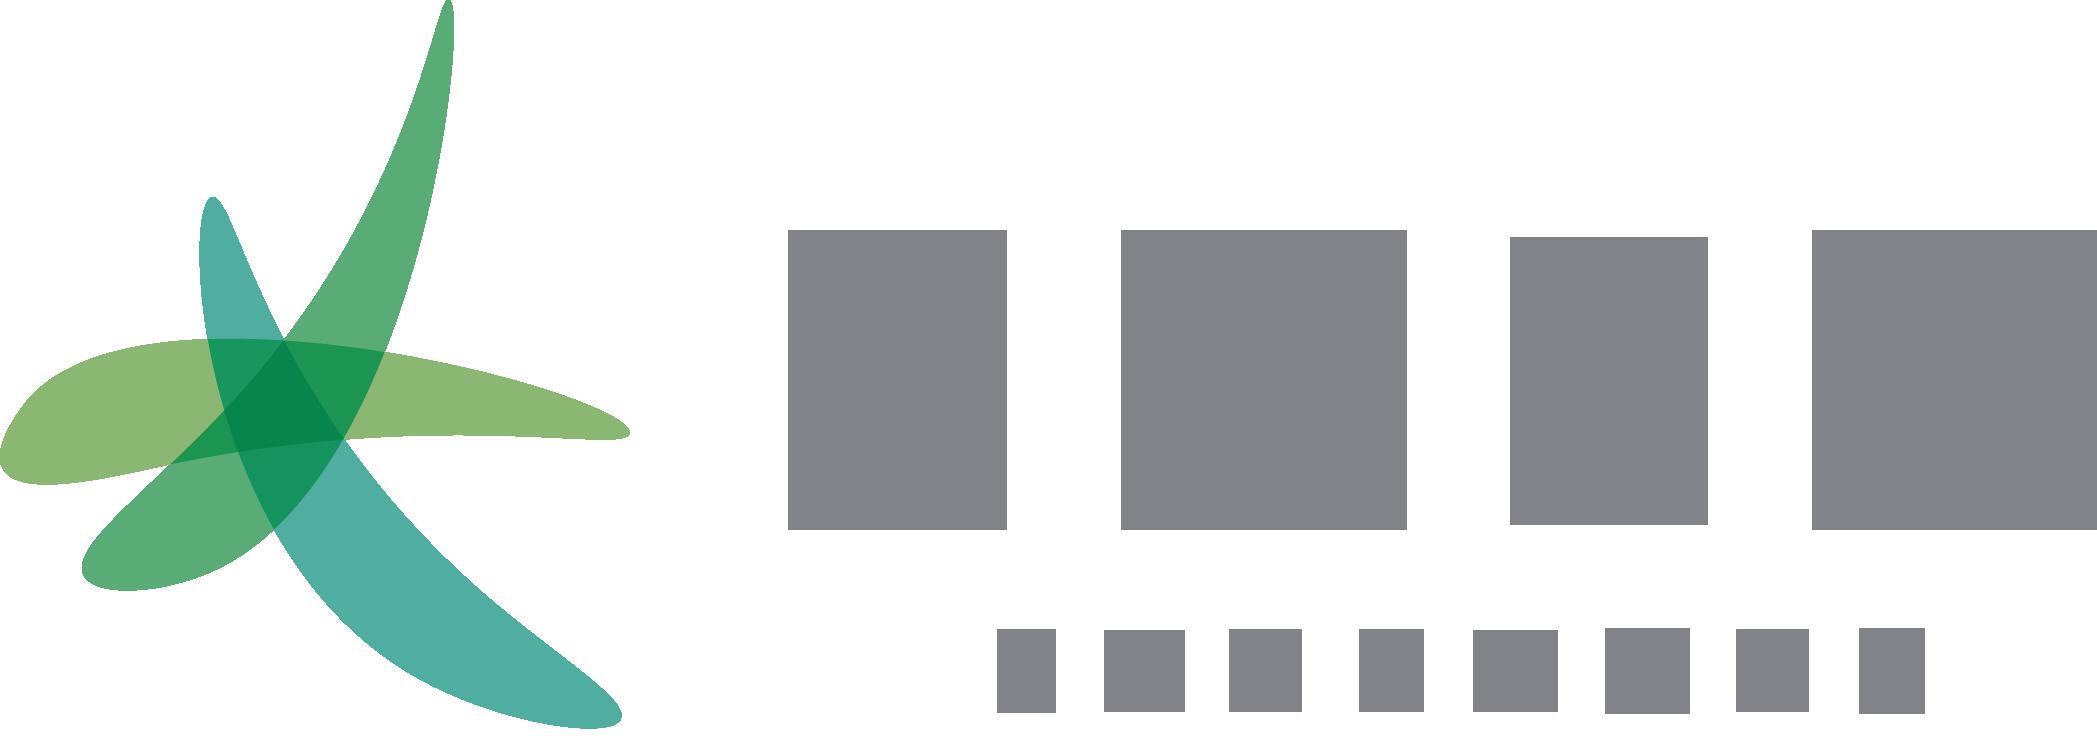 Sozo Extracts